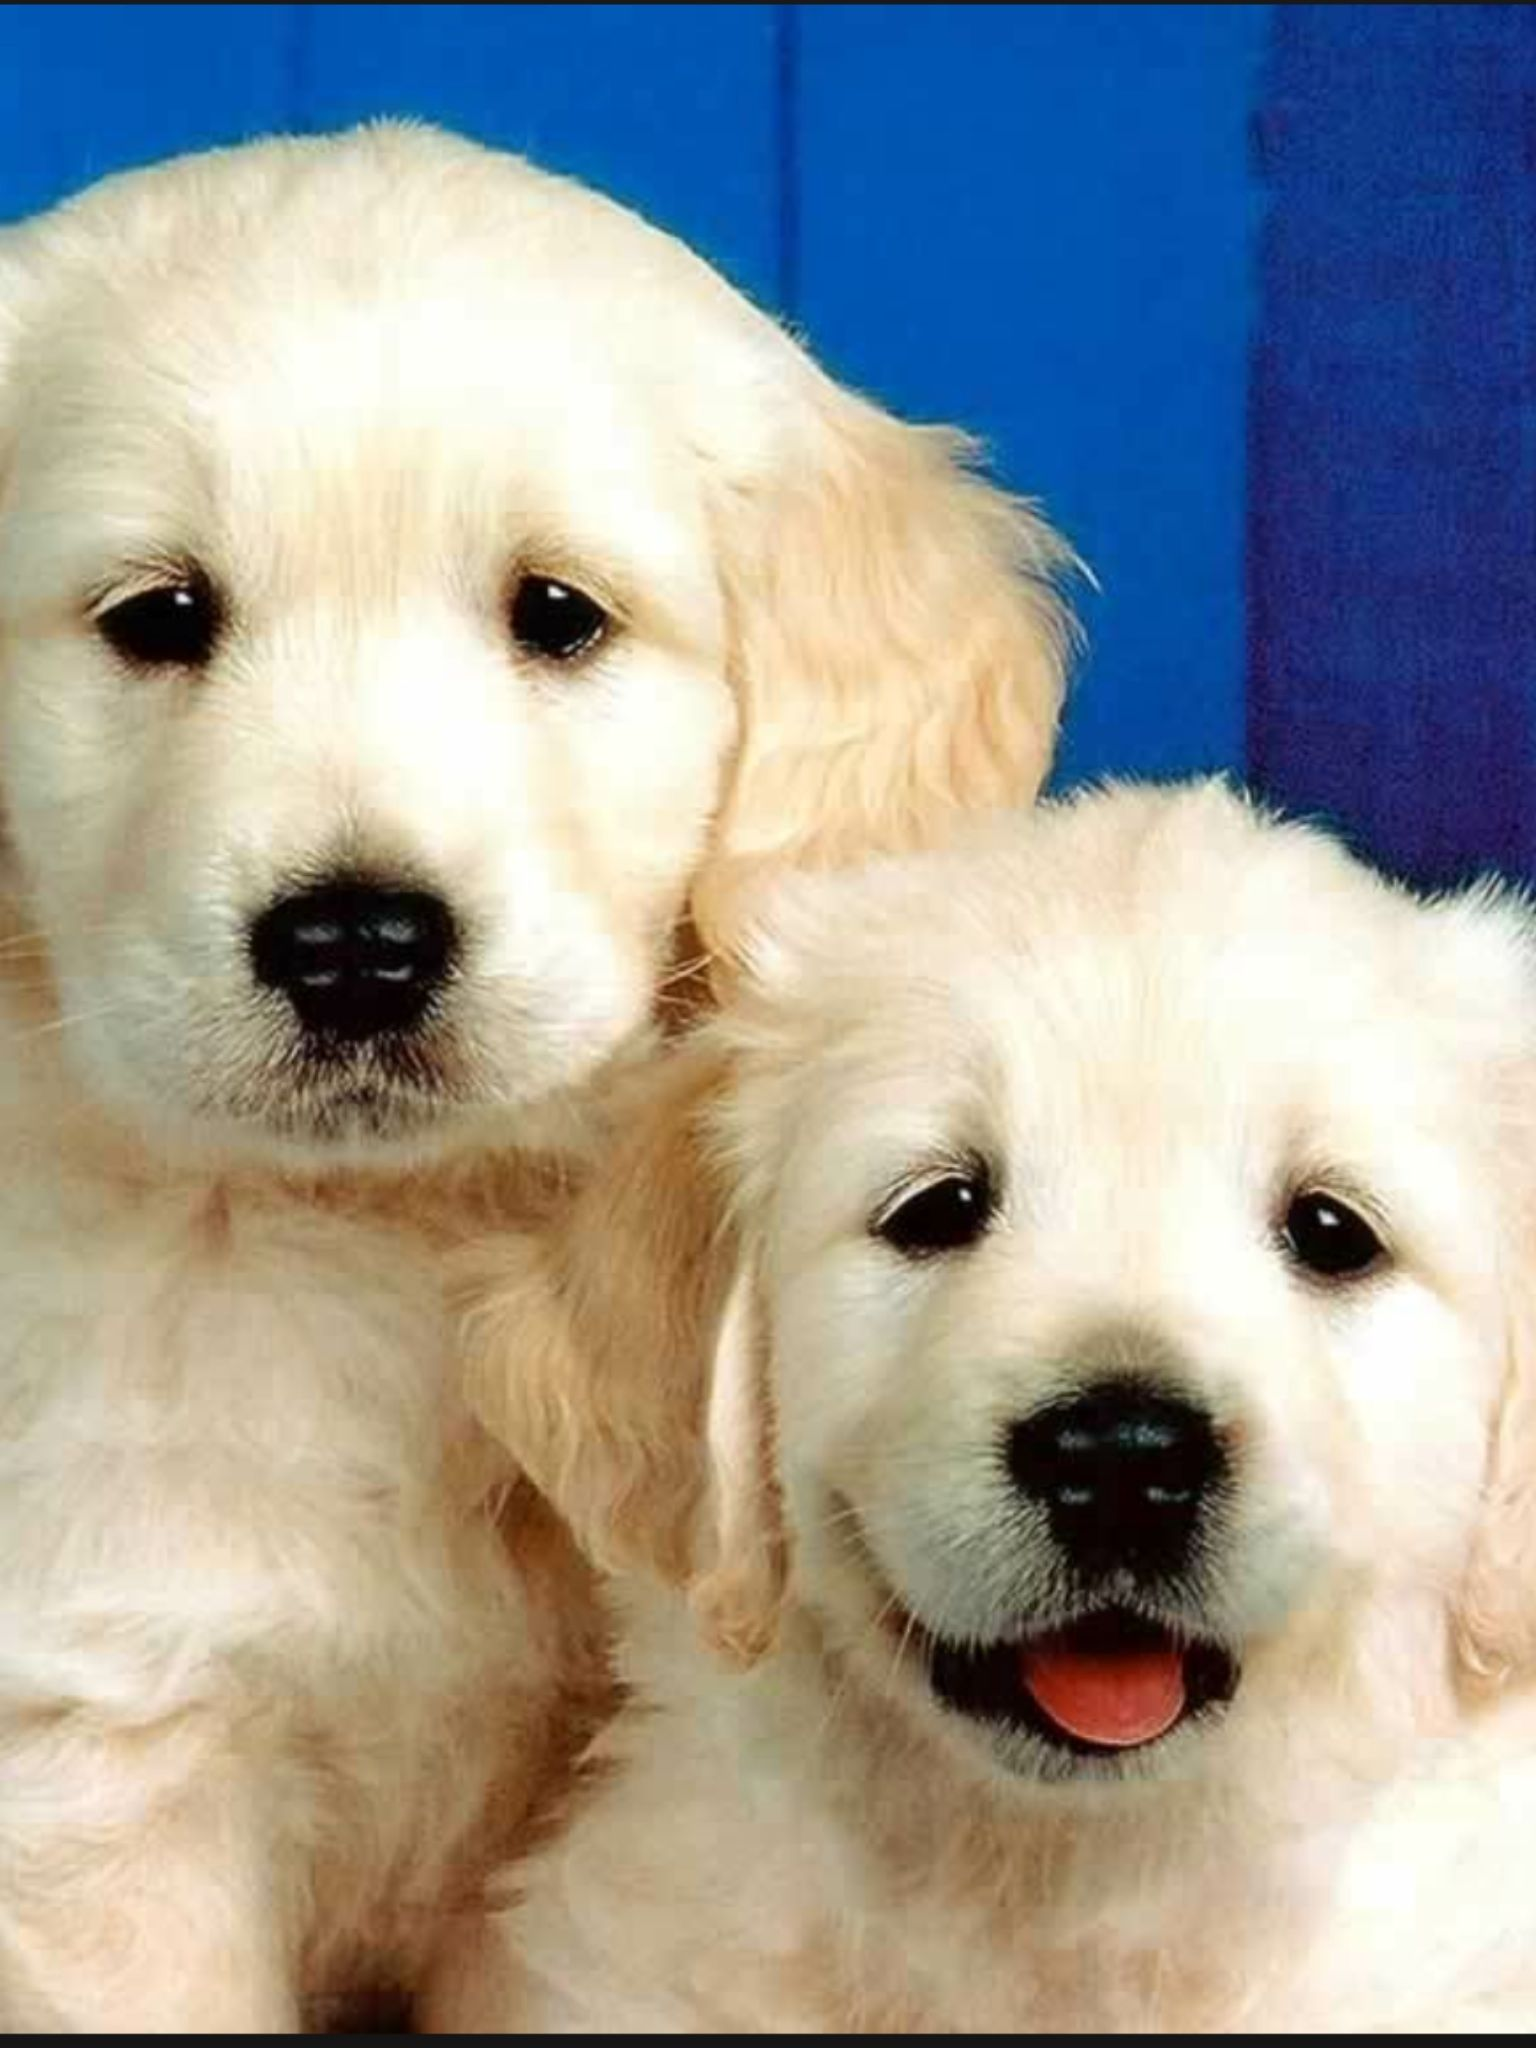 Cute golden retriever puppies dogs cats etc pinterest